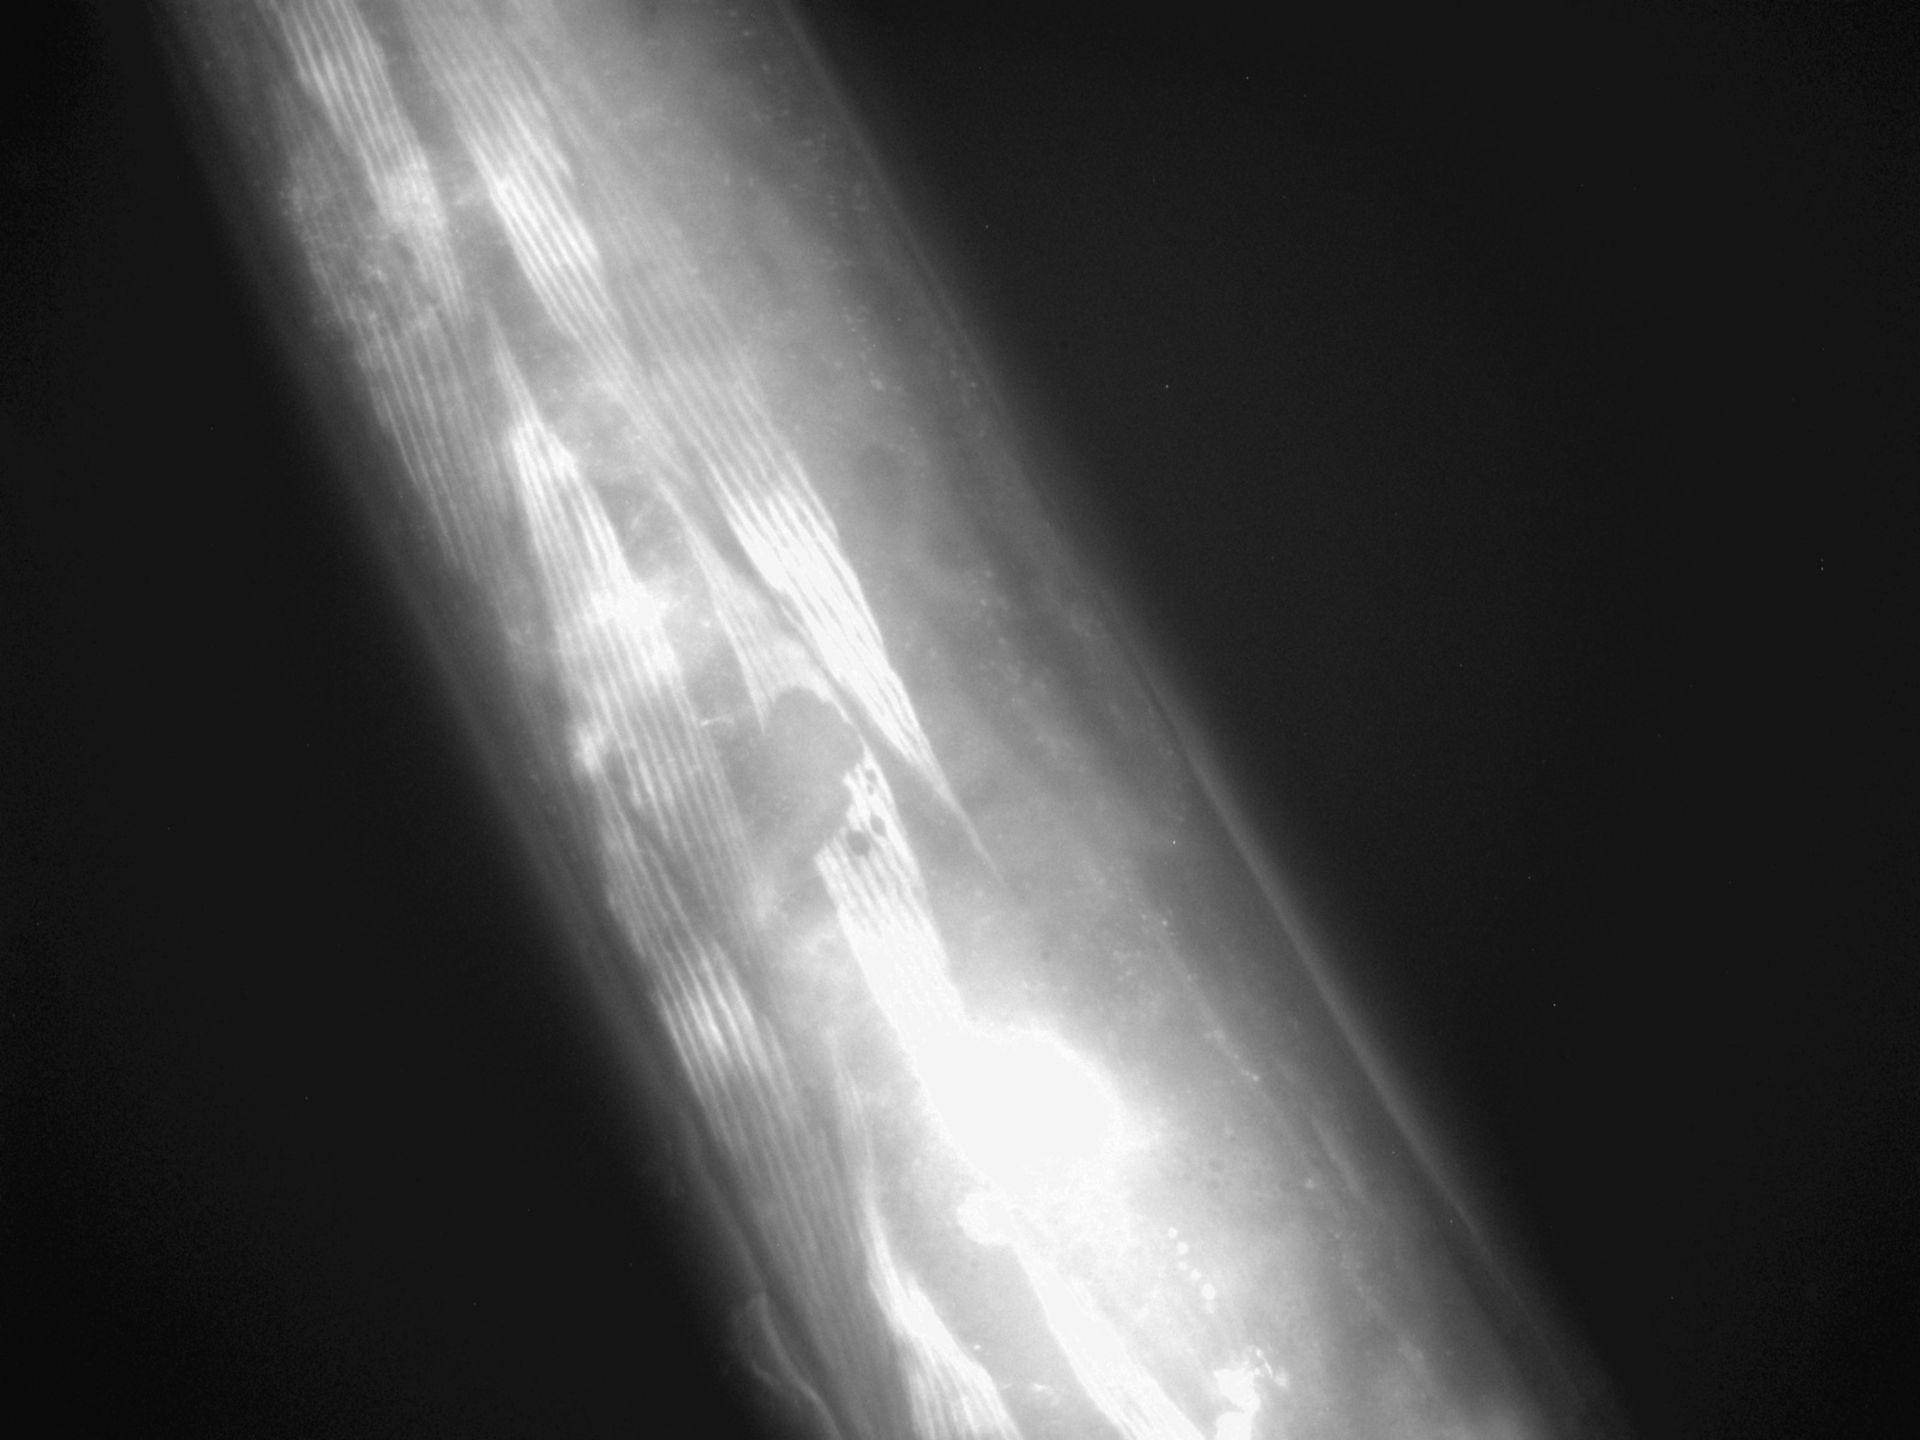 Caenorhabditis elegans (Actin filament) - CIL:1293